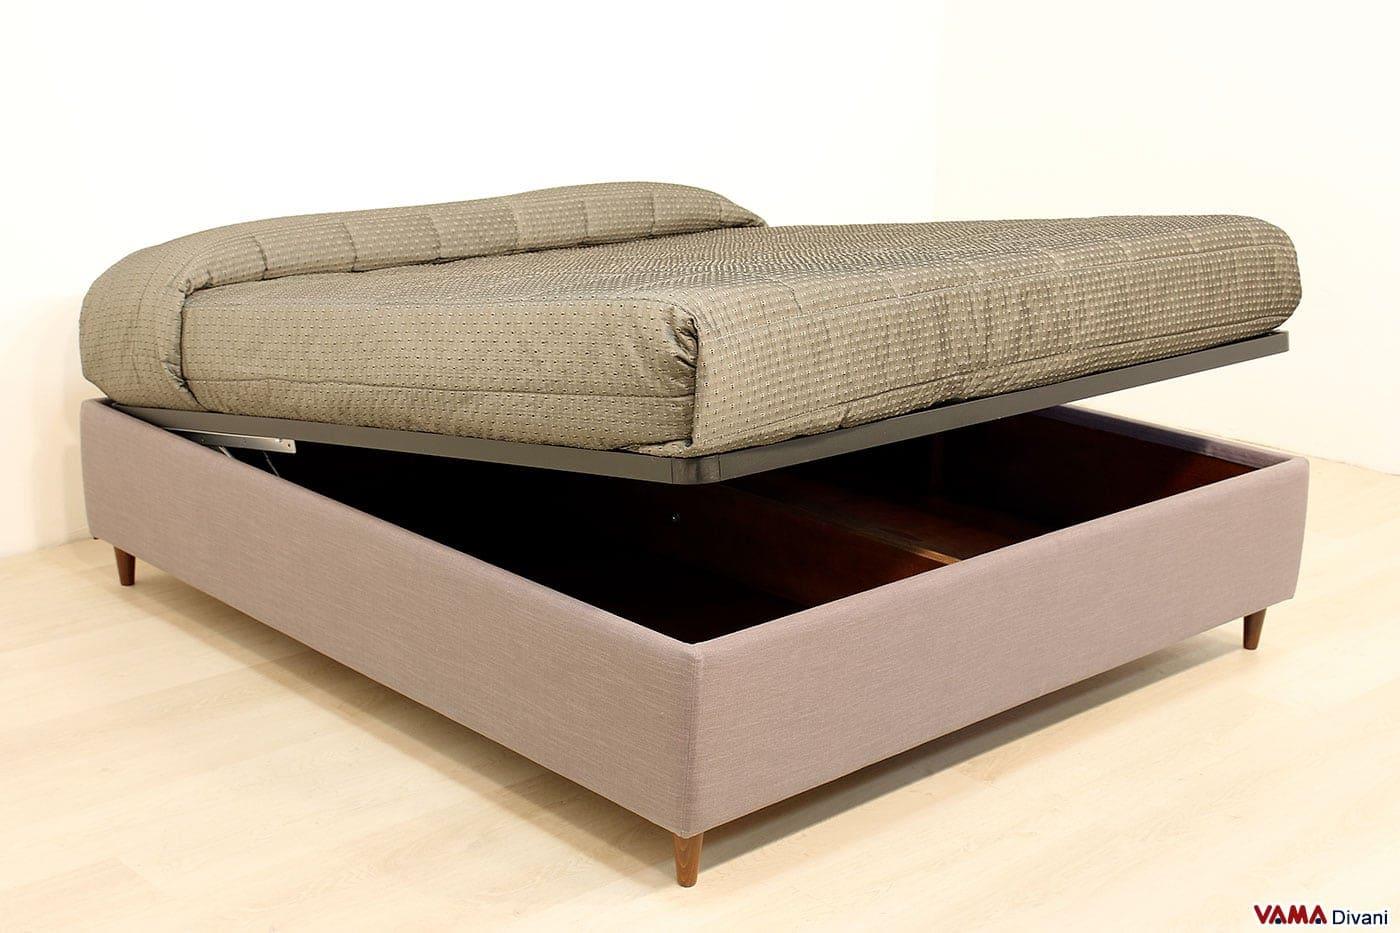 Letti contenitore prezzo misure e dove acquistarli online for Camere da letto in legno prezzi